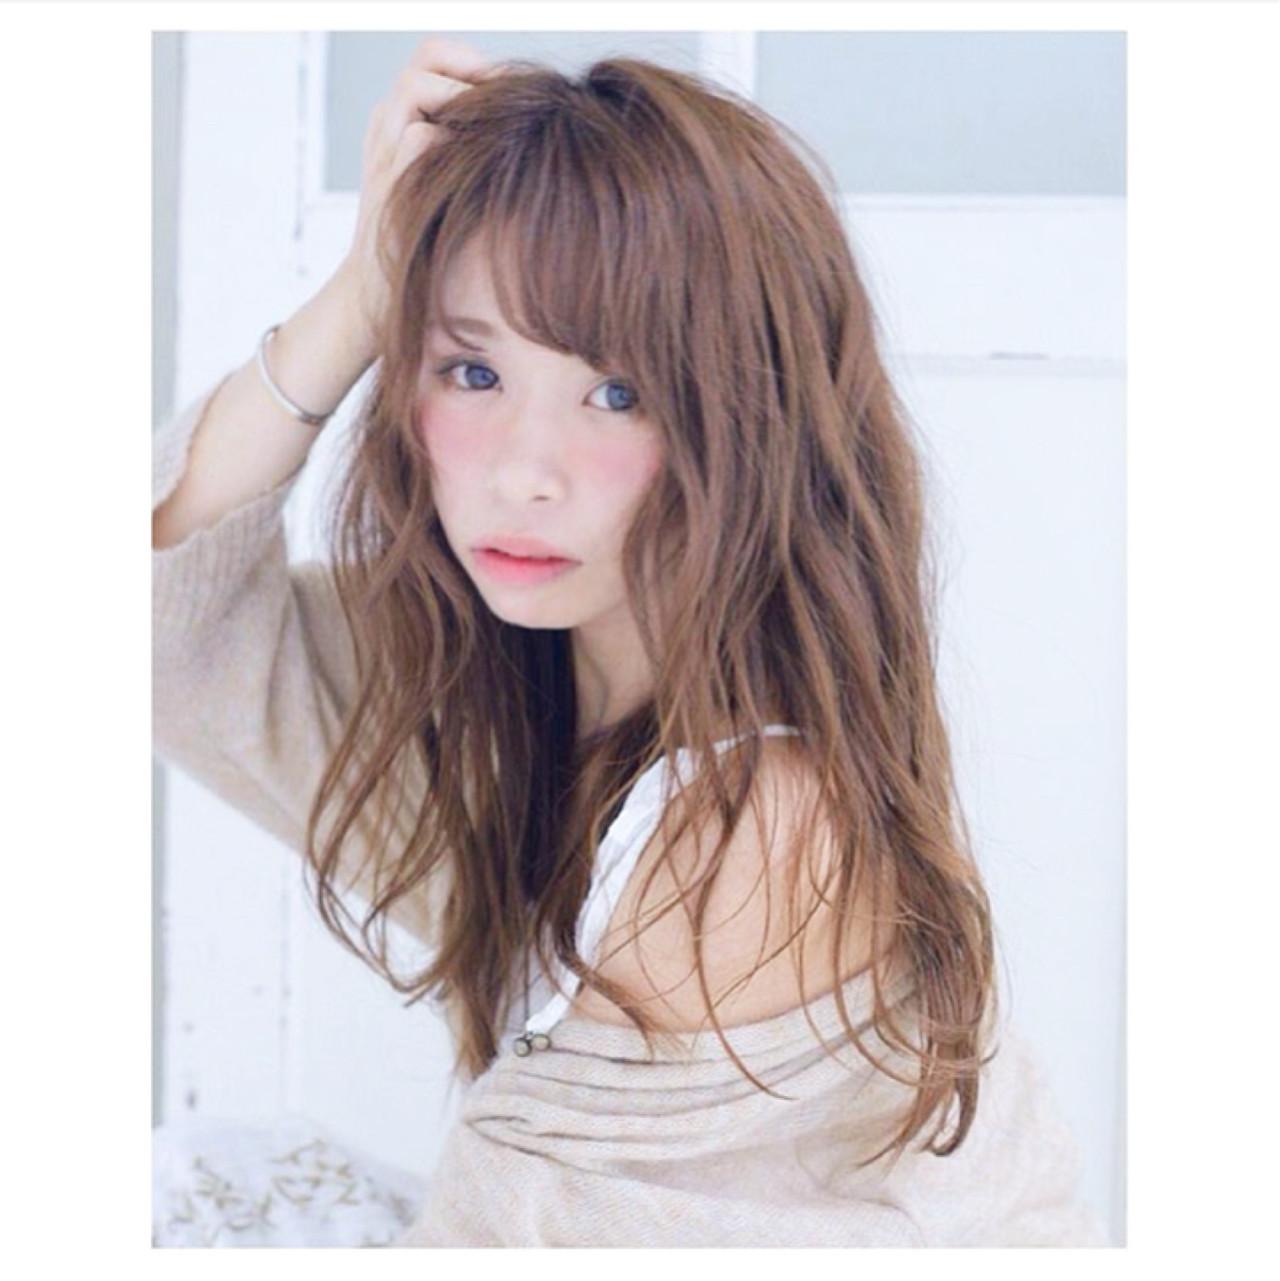 ニュアンス フェミニン ガーリー 大人女子 ヘアスタイルや髪型の写真・画像